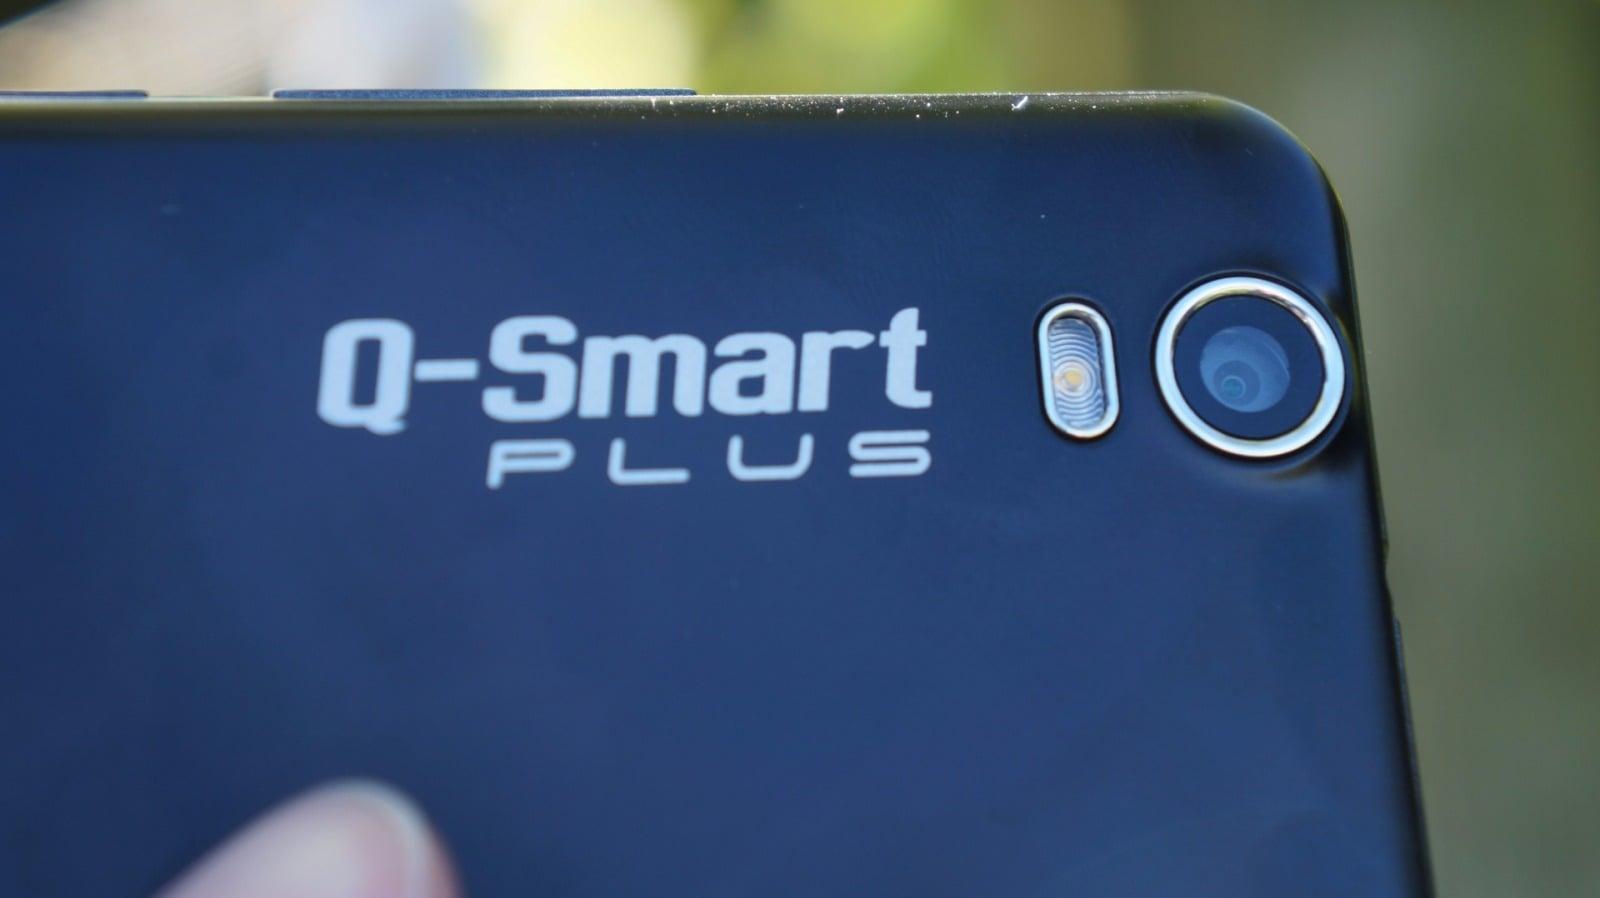 Tabletowo.pl Testujemy myPhone Q-Smart Plus, którego możecie kupić w Biedronce za 333 złote Android Smartfony